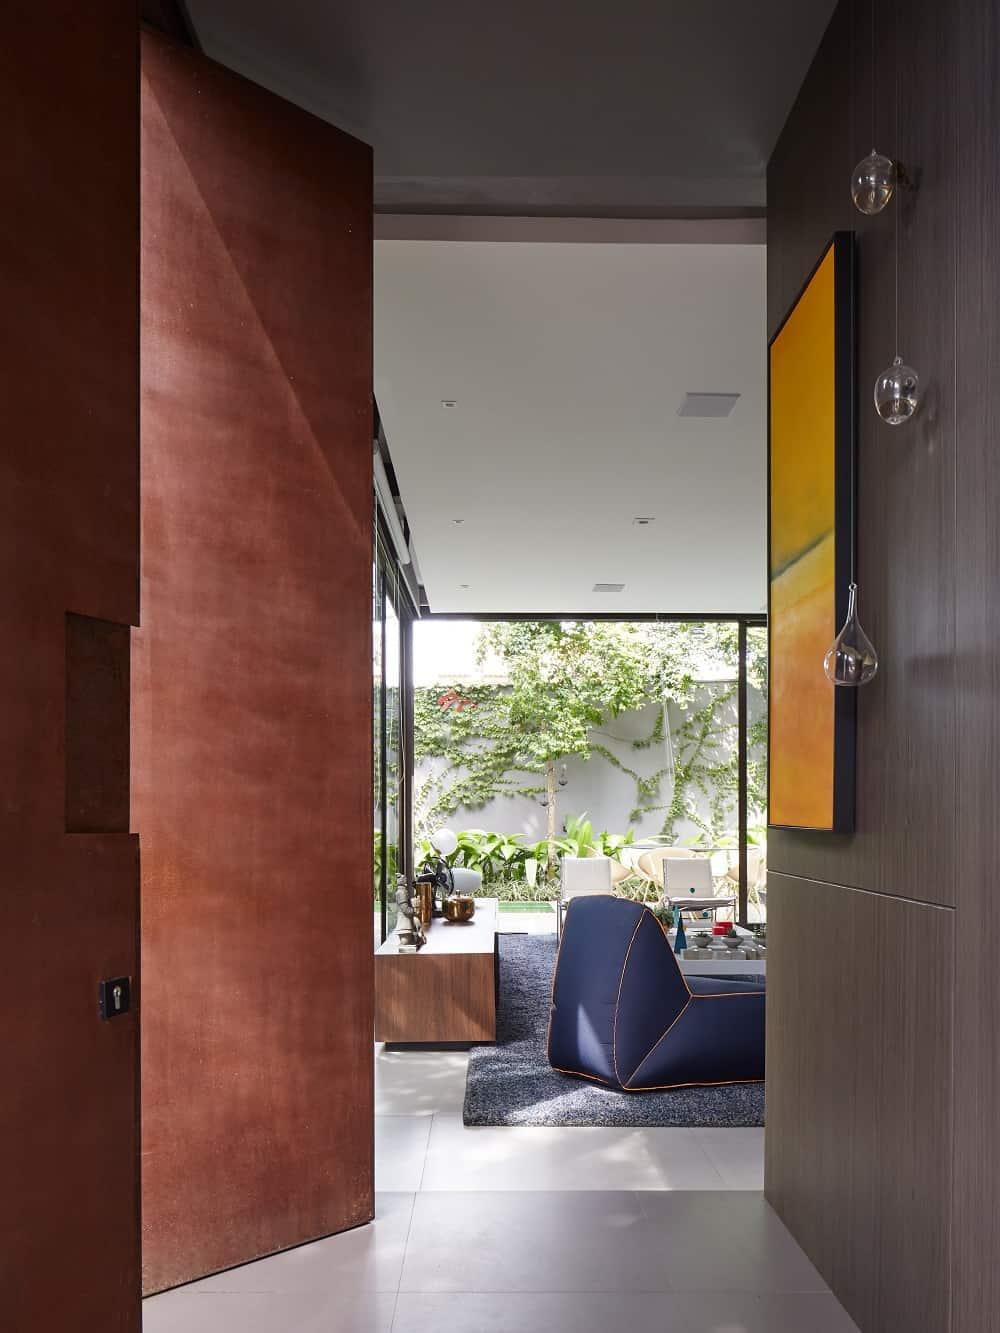 Corridor leading to the living room in the Casa Box designed by Flavio Castro.